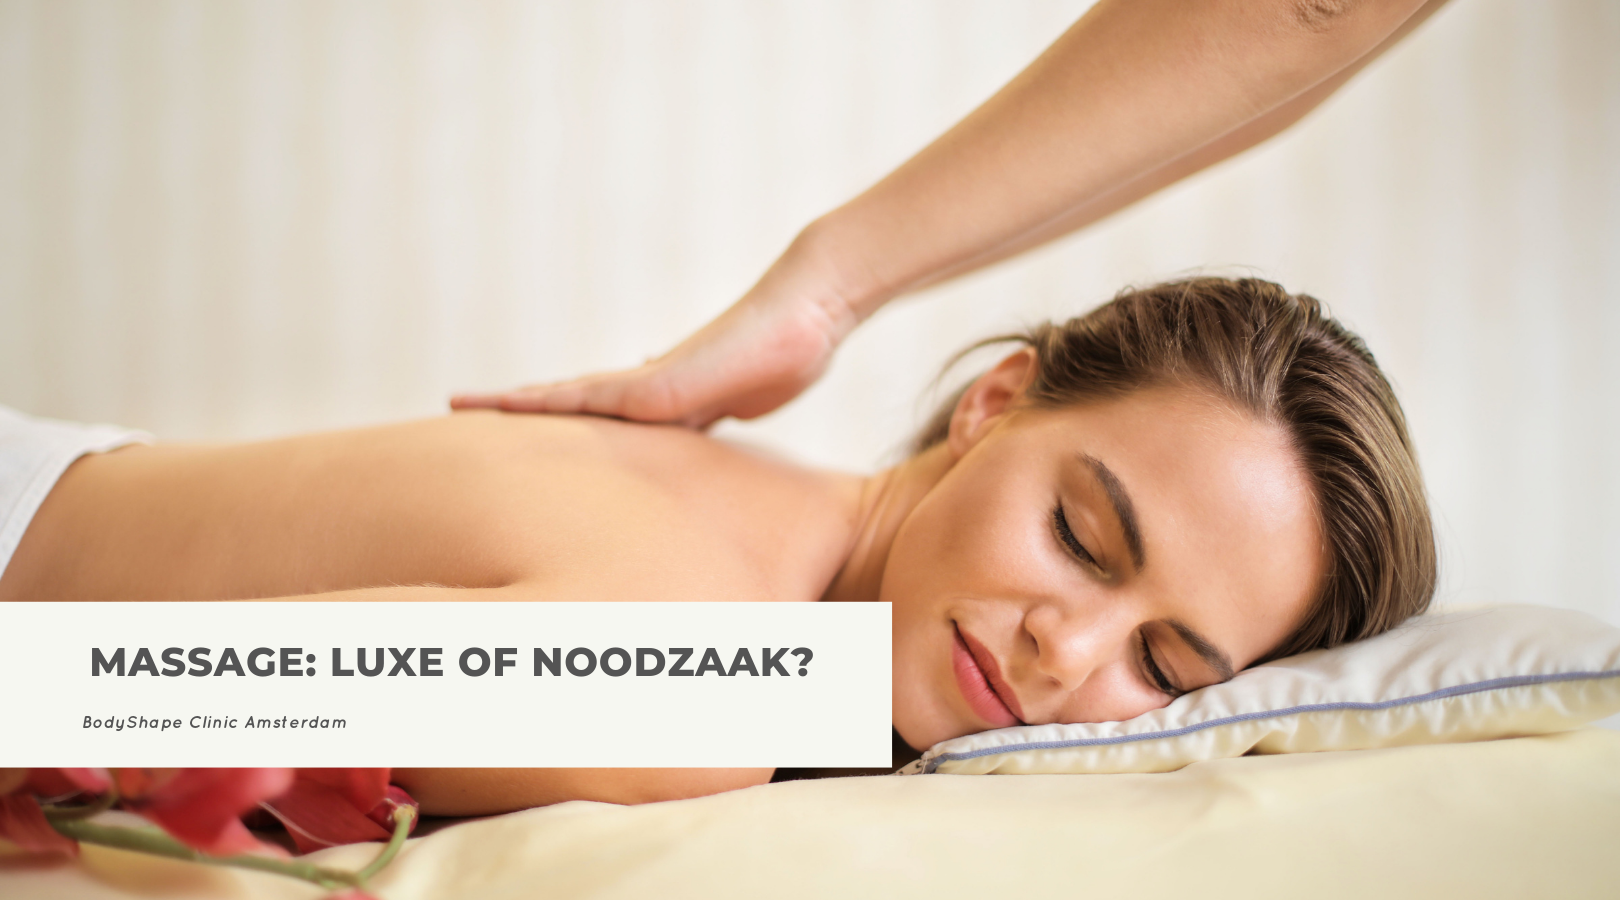 MASSAGE: LUXE OF NOODZAAK